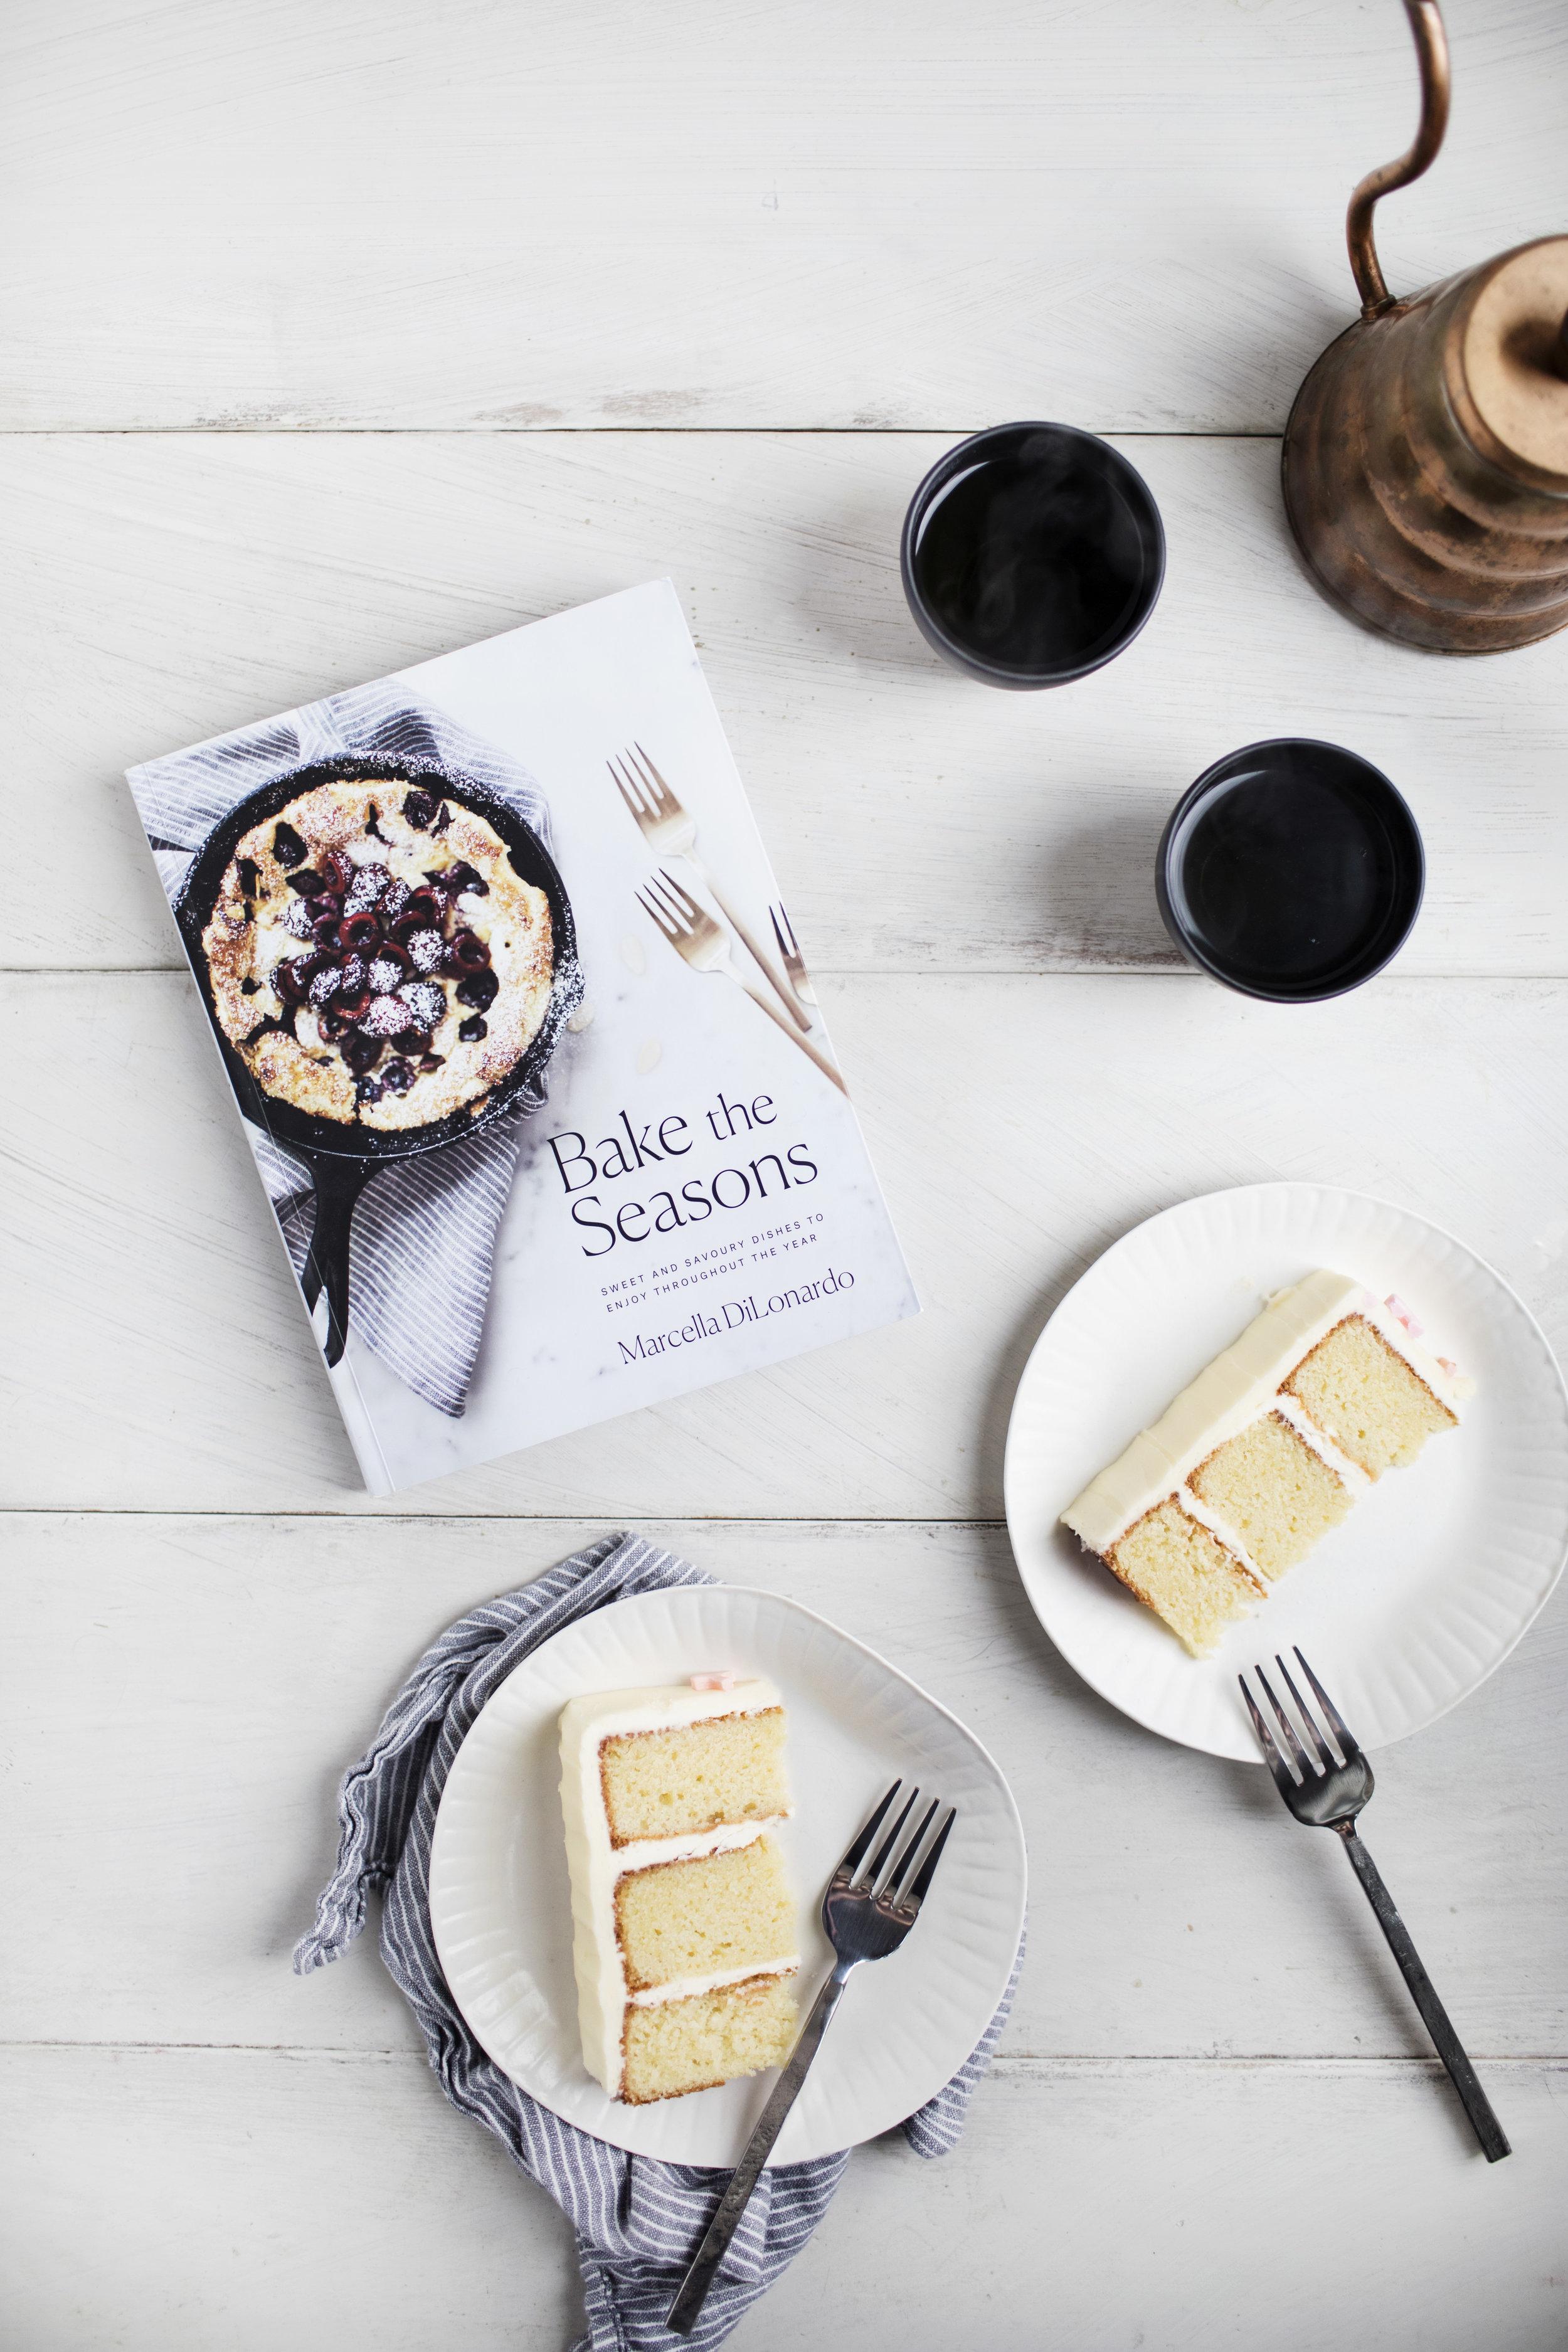 bake the seasons cake vii.jpg